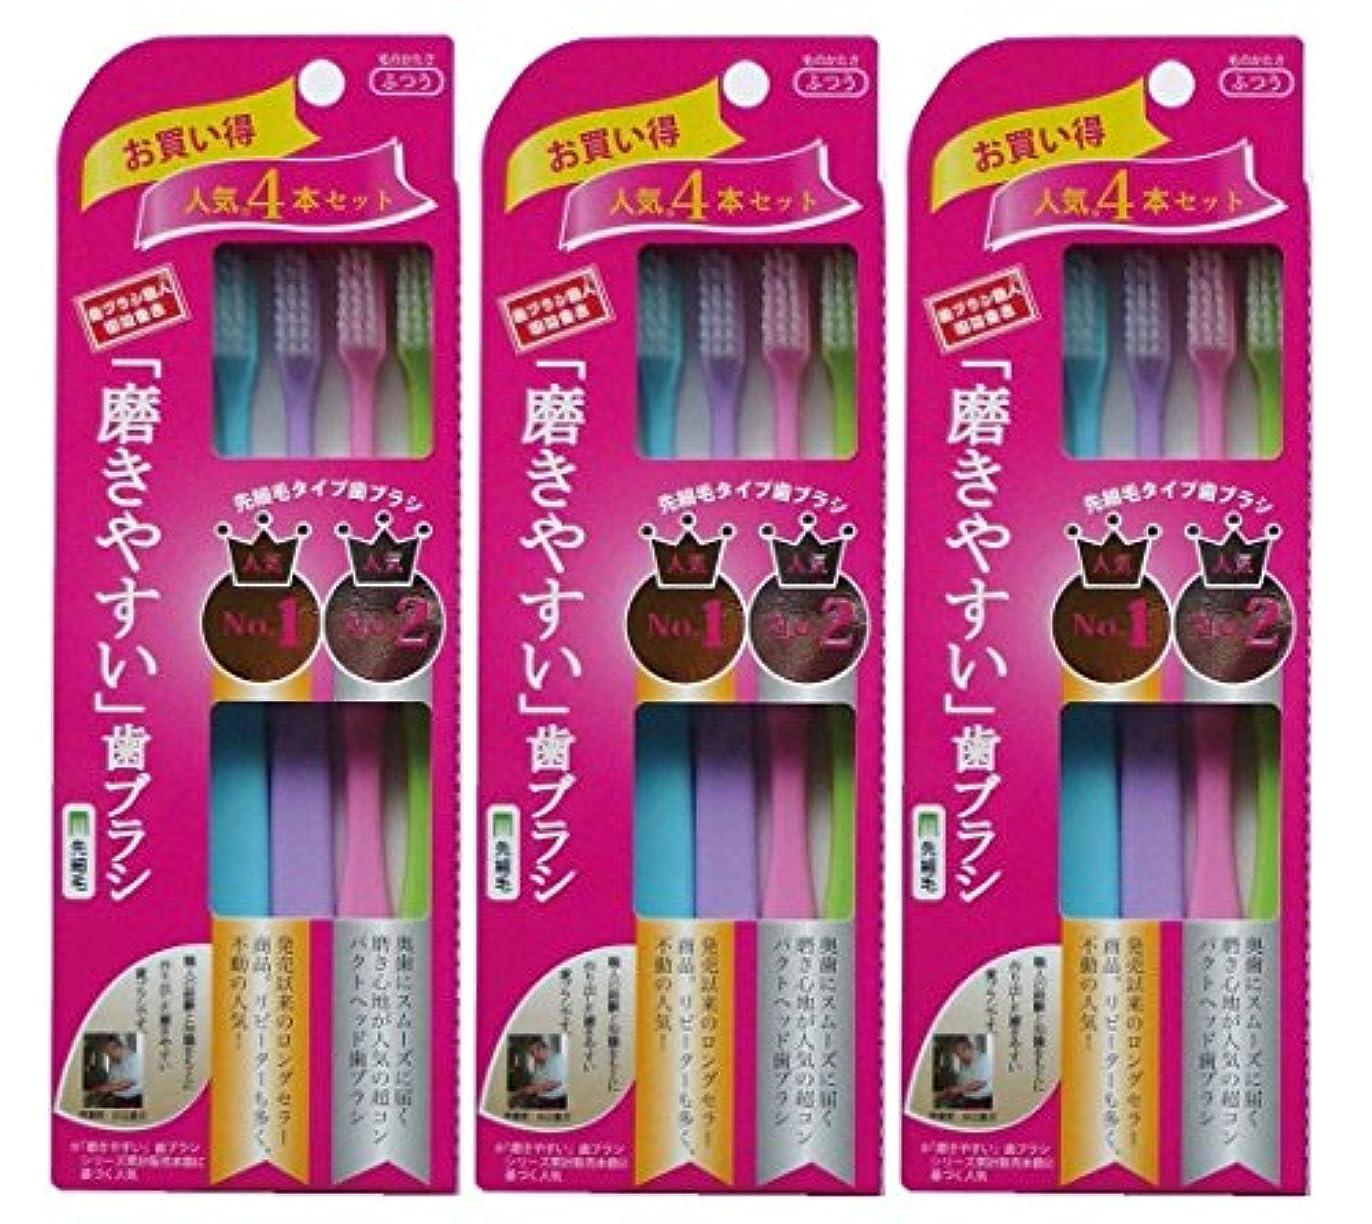 満足させるズーム文明化磨きやすい歯ブラシ 人気 No.1 No.2 先細毛 LT-21 4本組×3個セット